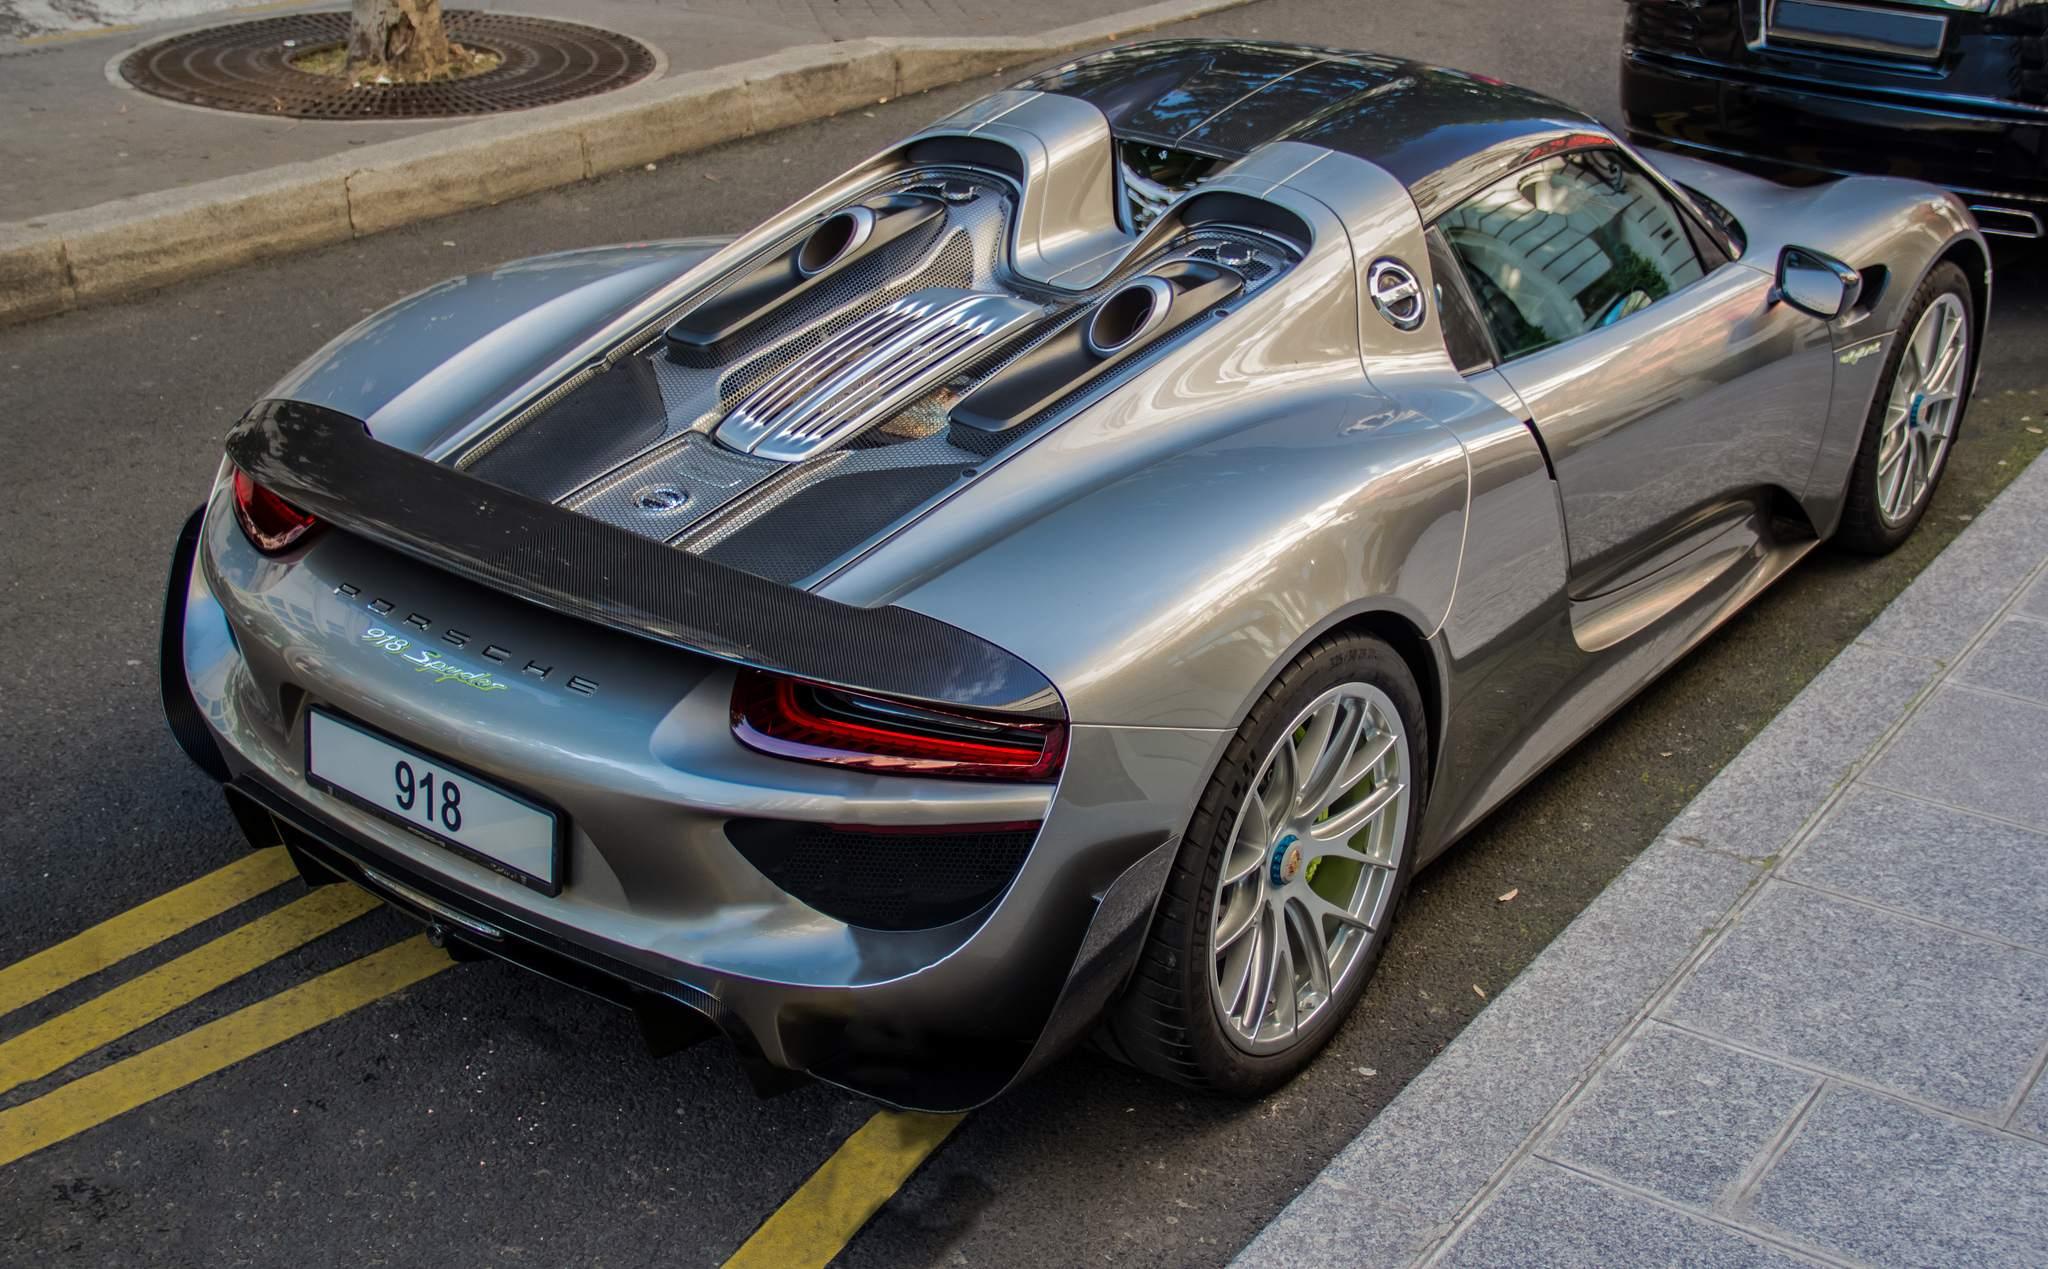 porsche 9183 Most Expesive Cars   Porsche 918